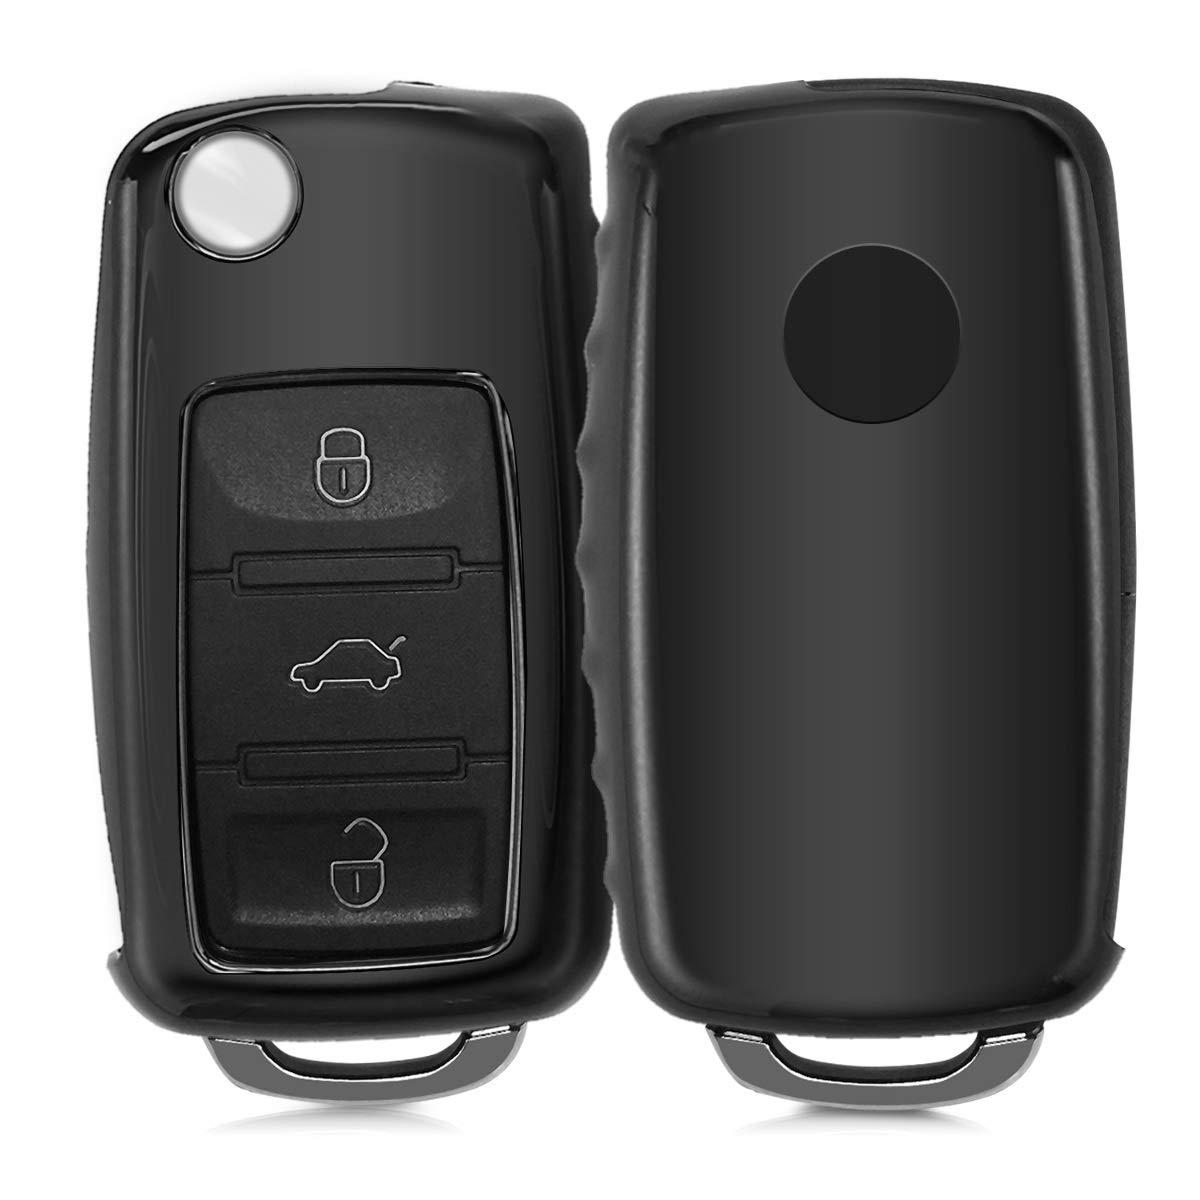 Suave para Llaves Carcasa Cover de Mando y Control de Auto en Plata Mate TPU kwmobile Funda para Llave de 2-3 Botones para Coche VW Skoda Seat de